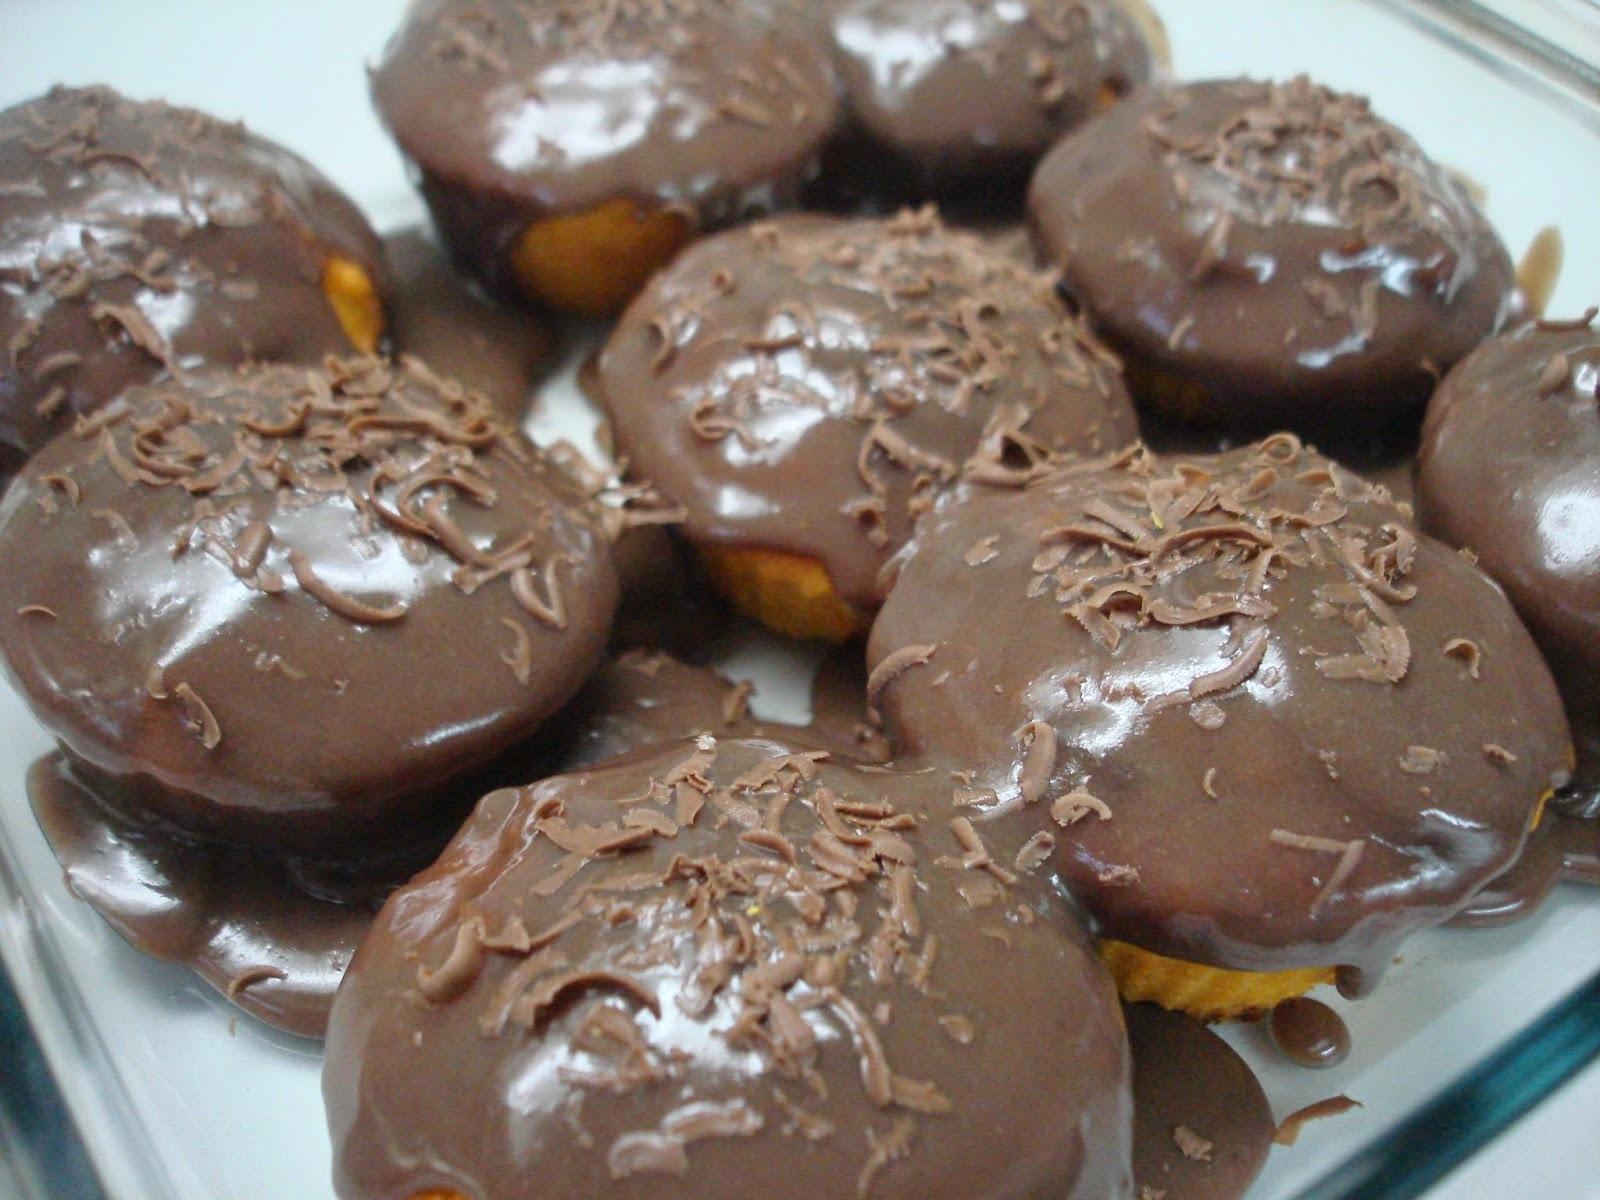 Bolo de Cenoura de Liquidificador com Cobertura de Chocolate: usei Farinha de Arroz! Ficou muito bom!!!!